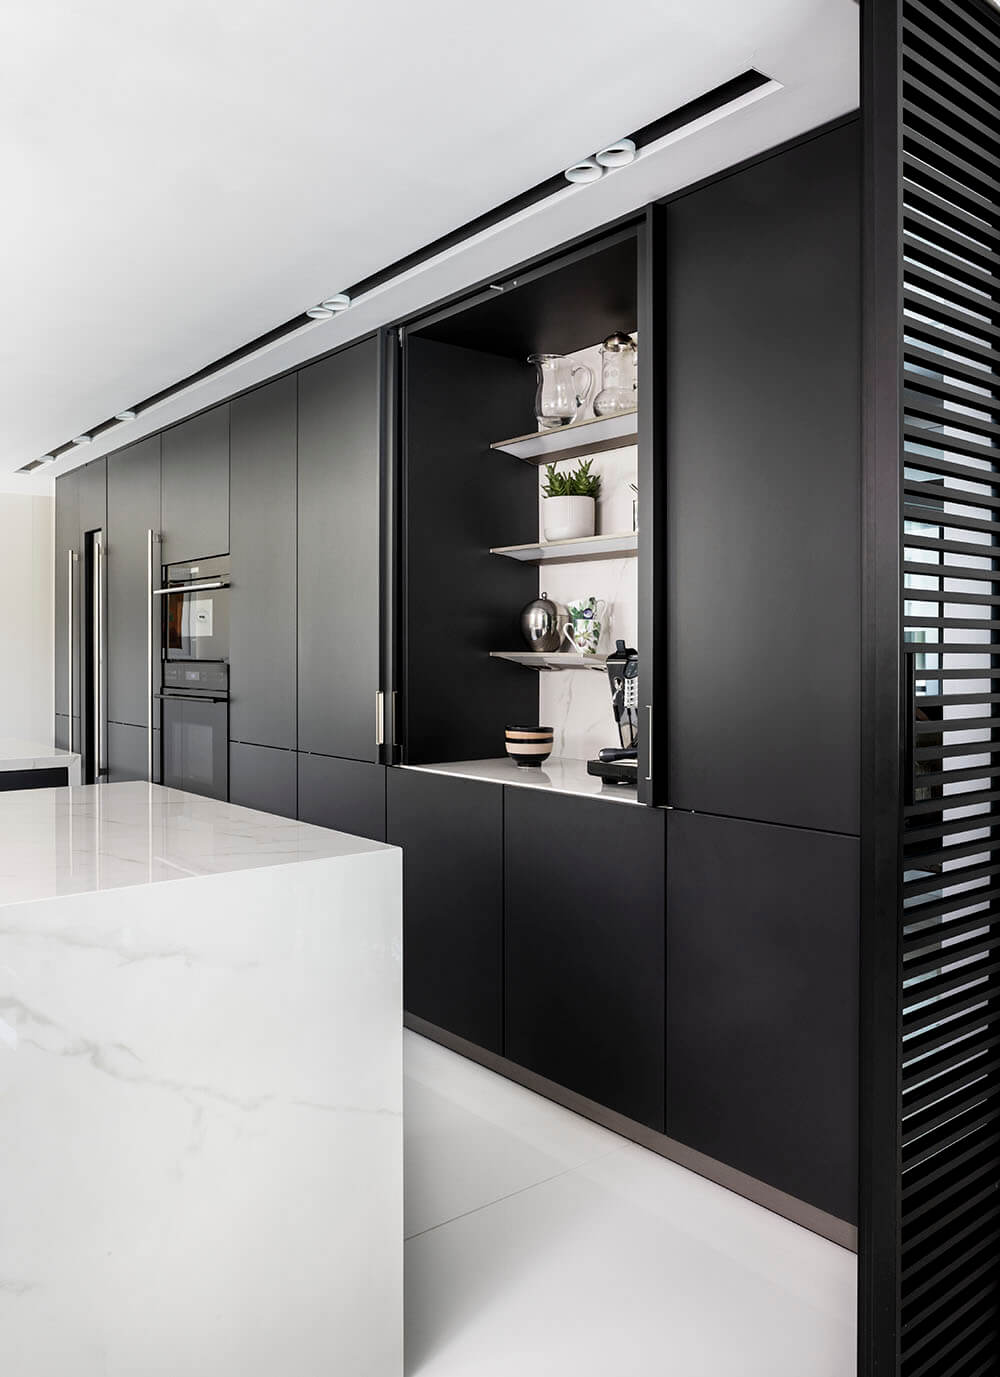 Cocina y salón integrado manteniendo a la vez la independencia mediante colores homogeneos